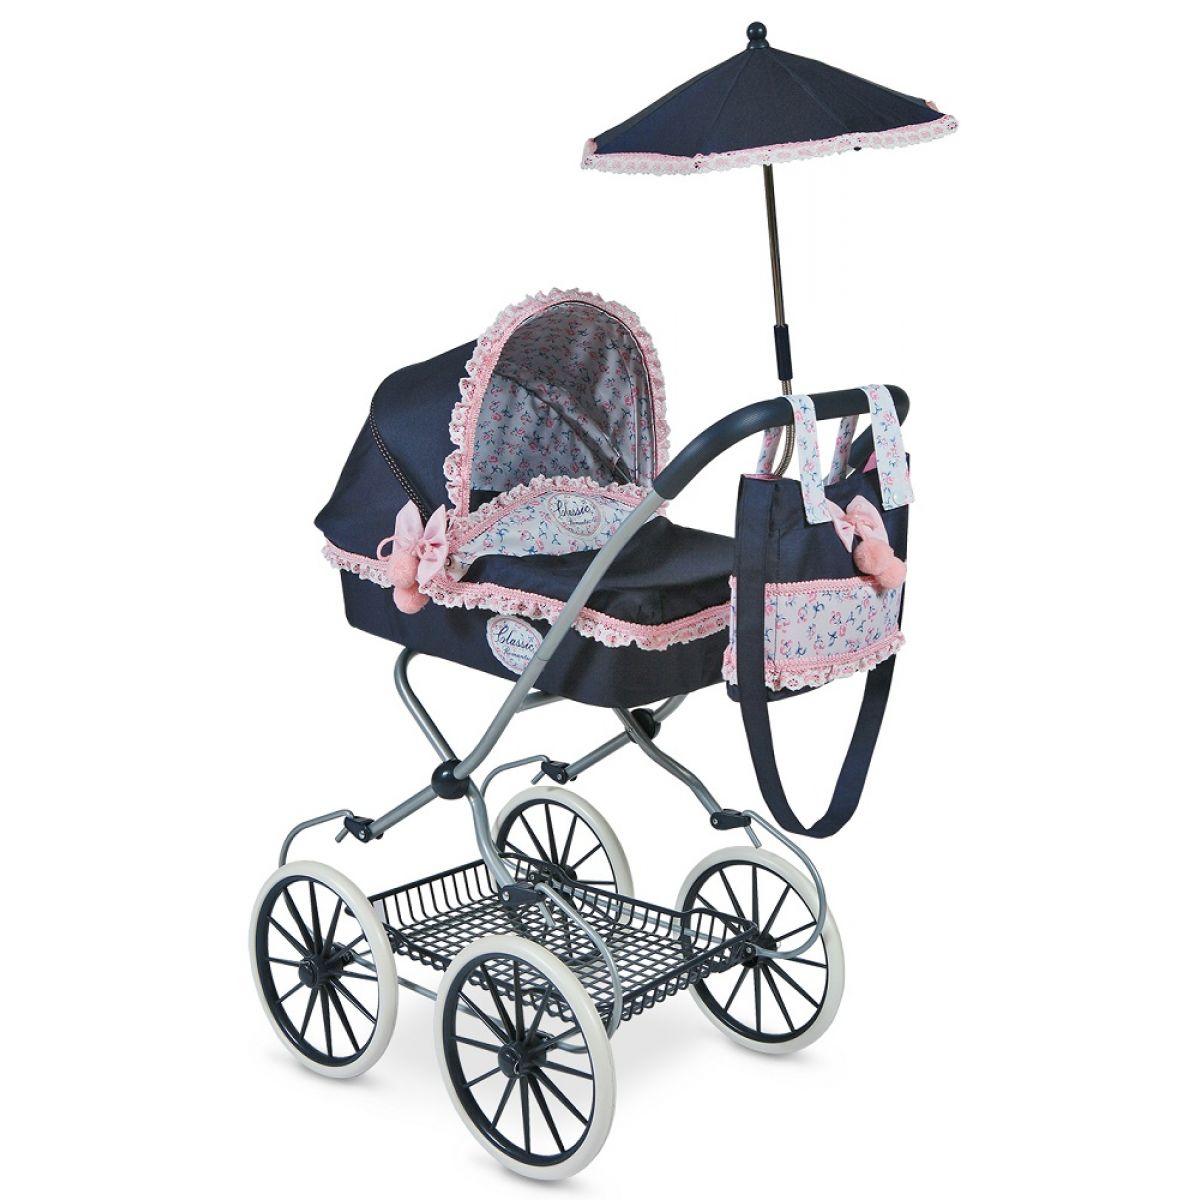 DeCeuvas Toys hlboký s dáždnikom Clasic Romantic